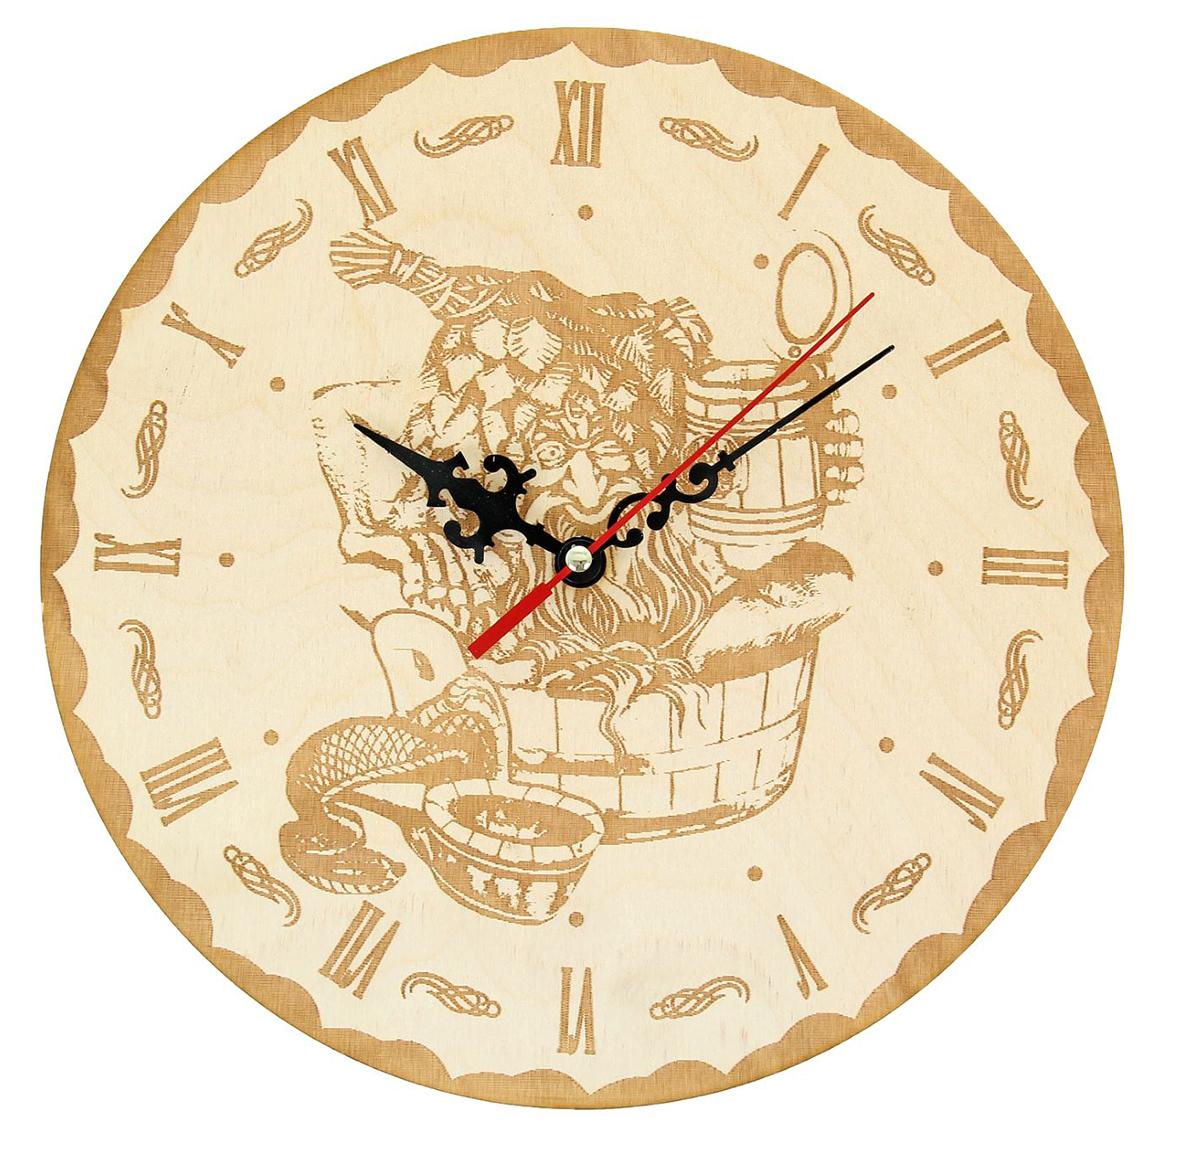 Часы настенные банные Дедка в баньке!, диаметр 25 см1124026— сувенир в полном смысле этого слова. И главная его задача — хранить воспоминание о месте, где вы побывали, или о том человеке, который подарил данный предмет. Преподнесите эту вещь своему другу, и она станет достойным украшением его дома. Каждому хозяину периодически приходит мысль обновить свою квартиру, сделать ремонт, перестановку или кардинально поменять внешний вид каждой комнаты. — привлекательная деталь, которая поможет воплотить вашу интерьерную идею, создать неповторимую атмосферу в вашем доме. Окружите себя приятными мелочами, пусть они радуют глаз и дарят гармонию.Часы банные Дедка в баньке!, O25 см 1124026